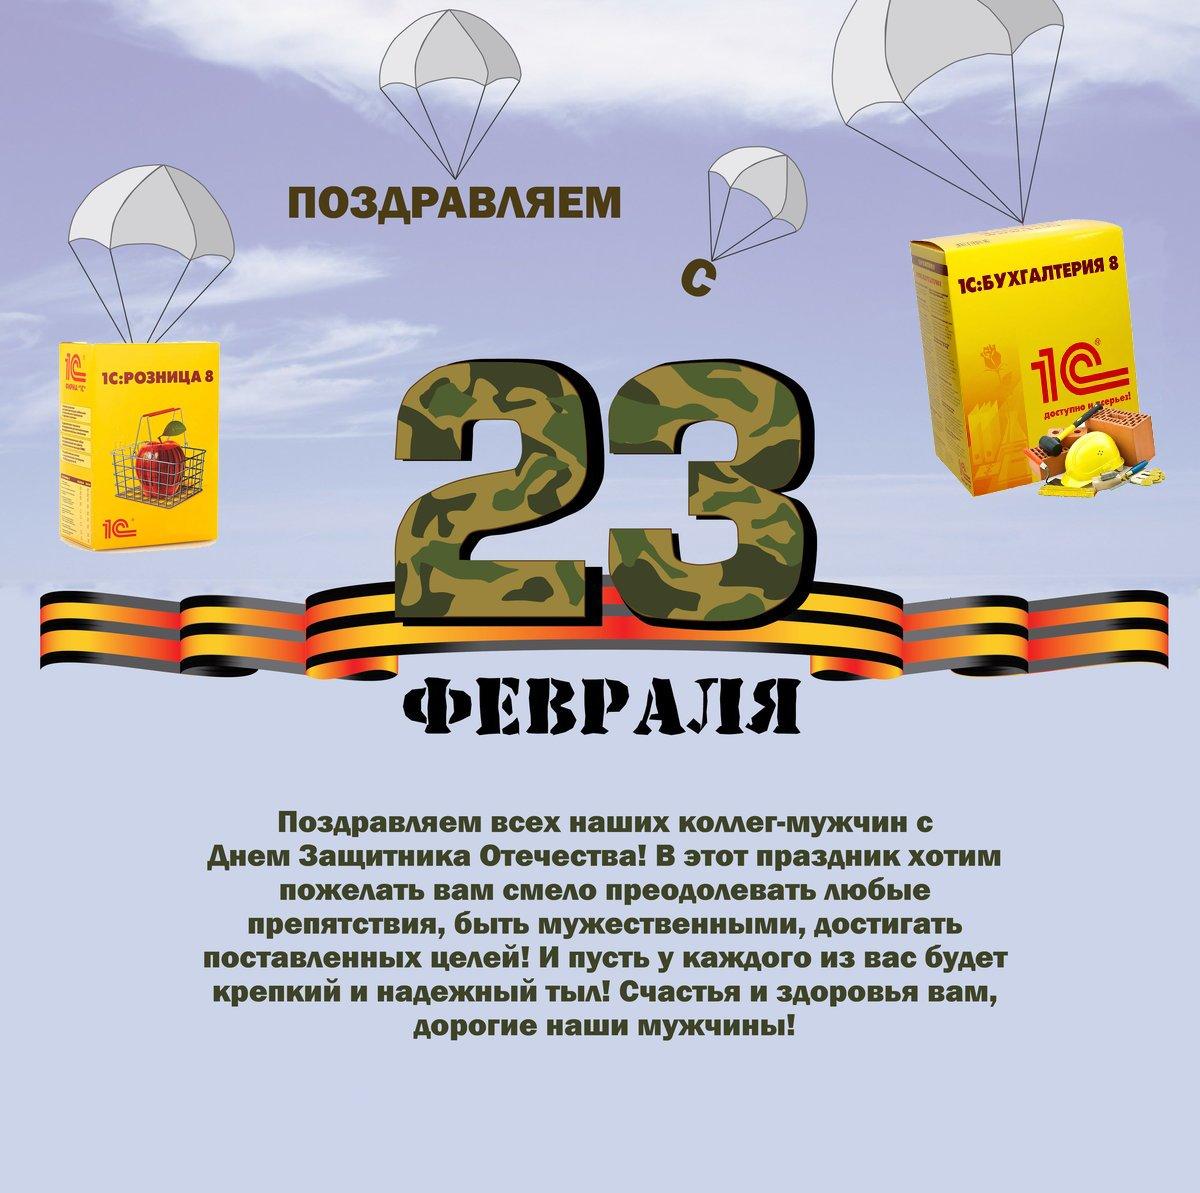 Поздравление с открытки с 23 февраля мужчинам коллегам, для поздравления